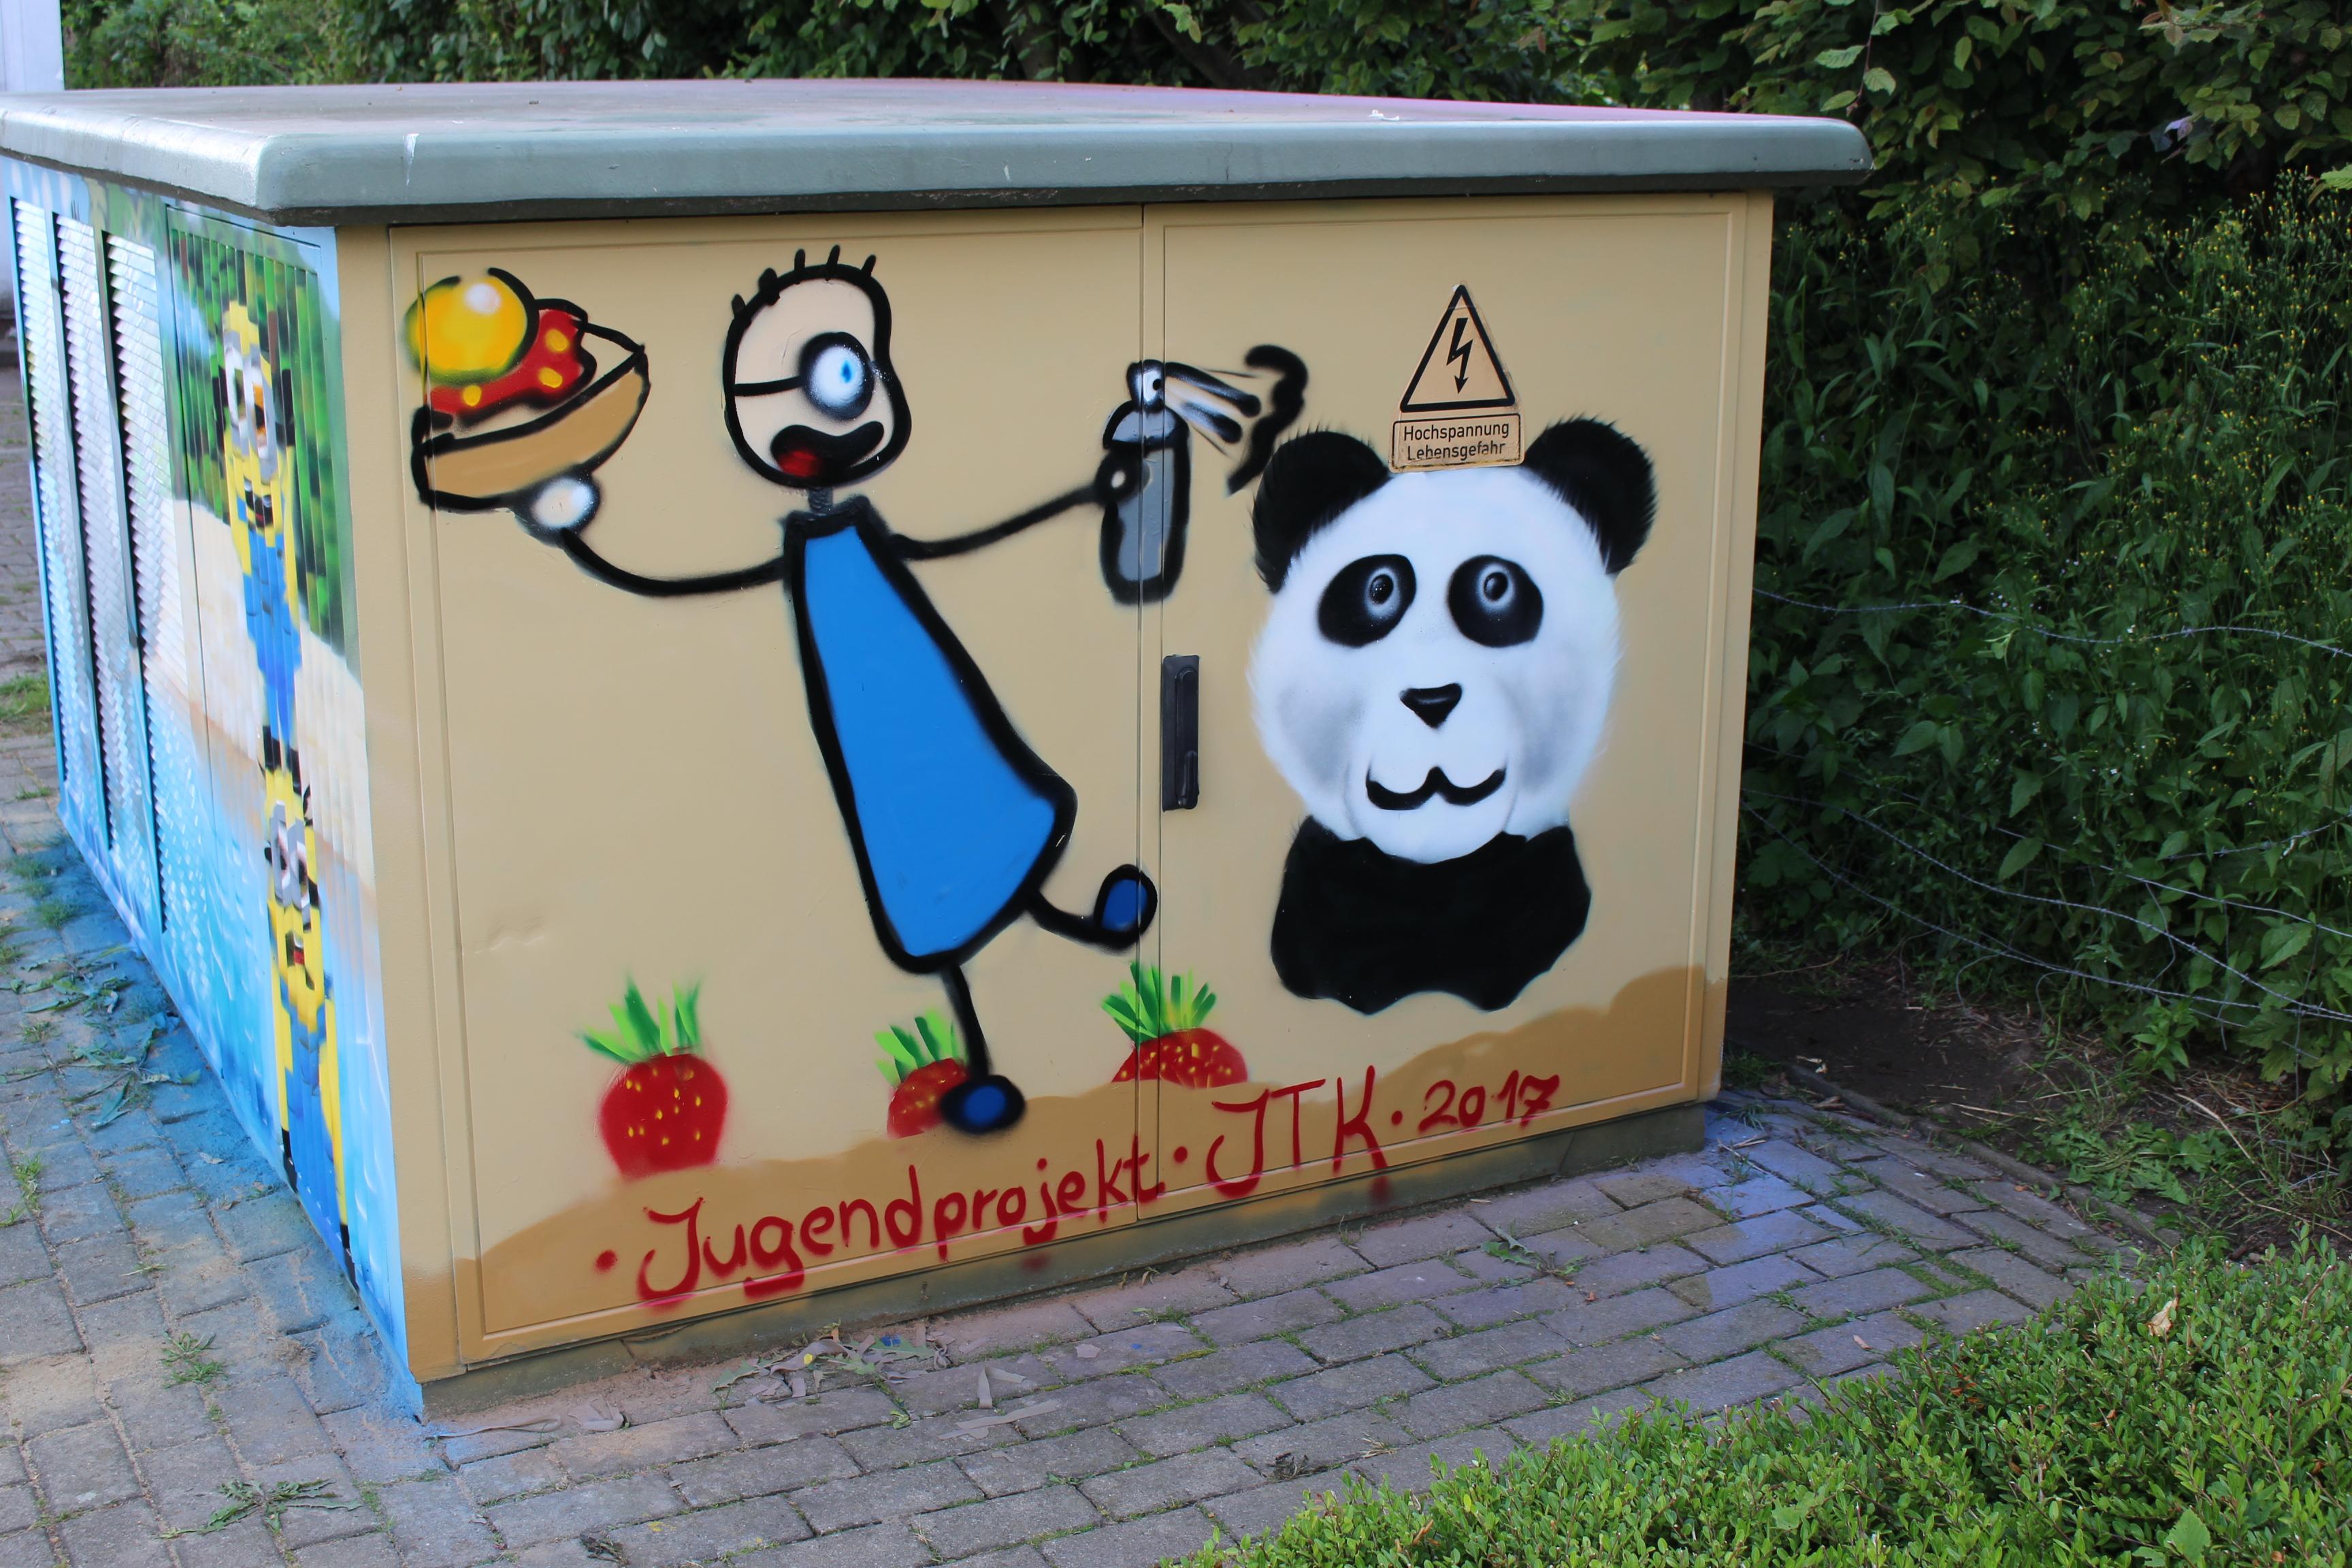 Graffitiprojekt Kröppelshagen Trafostation Seite3 Tom Erdbeermarmeladenbrot mit Honig Panda